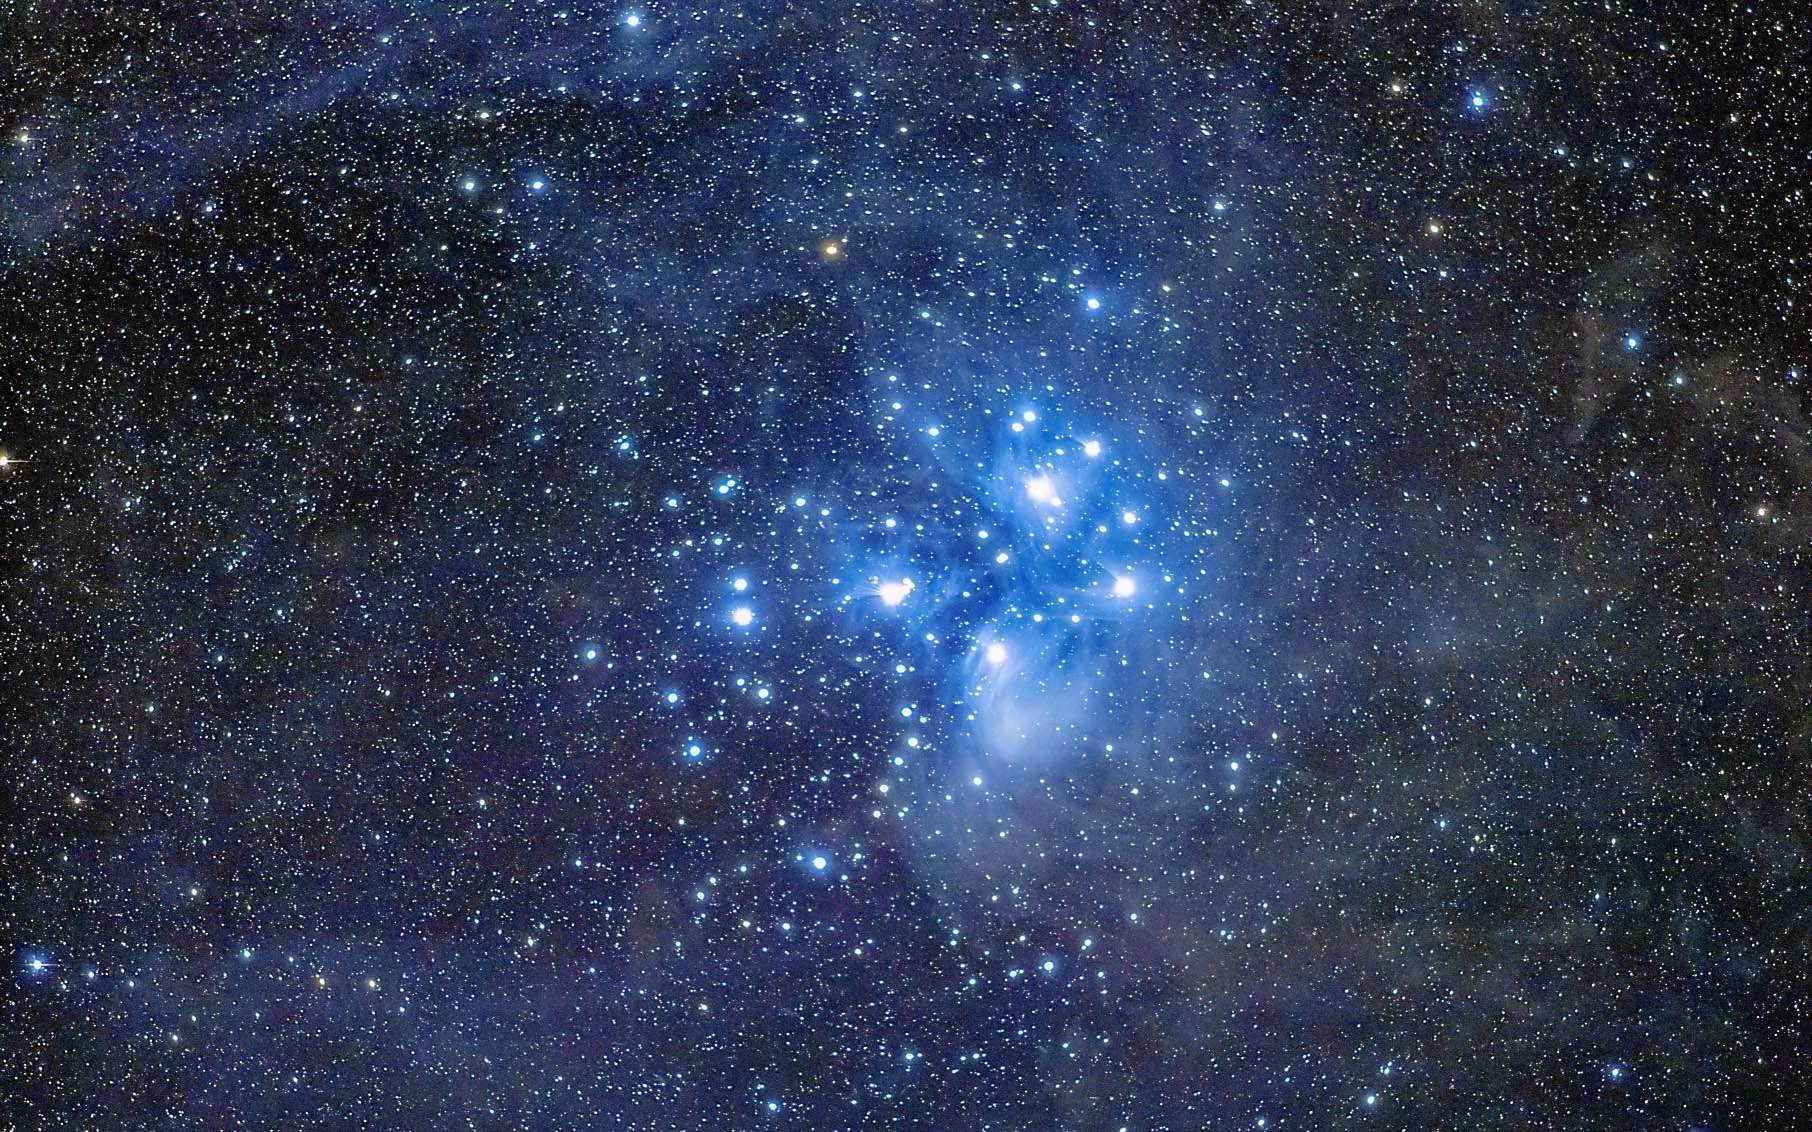 L'amas ouvert des Pléiades (M 45) aussi nommé les Sept sœurs ou les Sept filles d'Atlas. © Yasuhi Aoshima